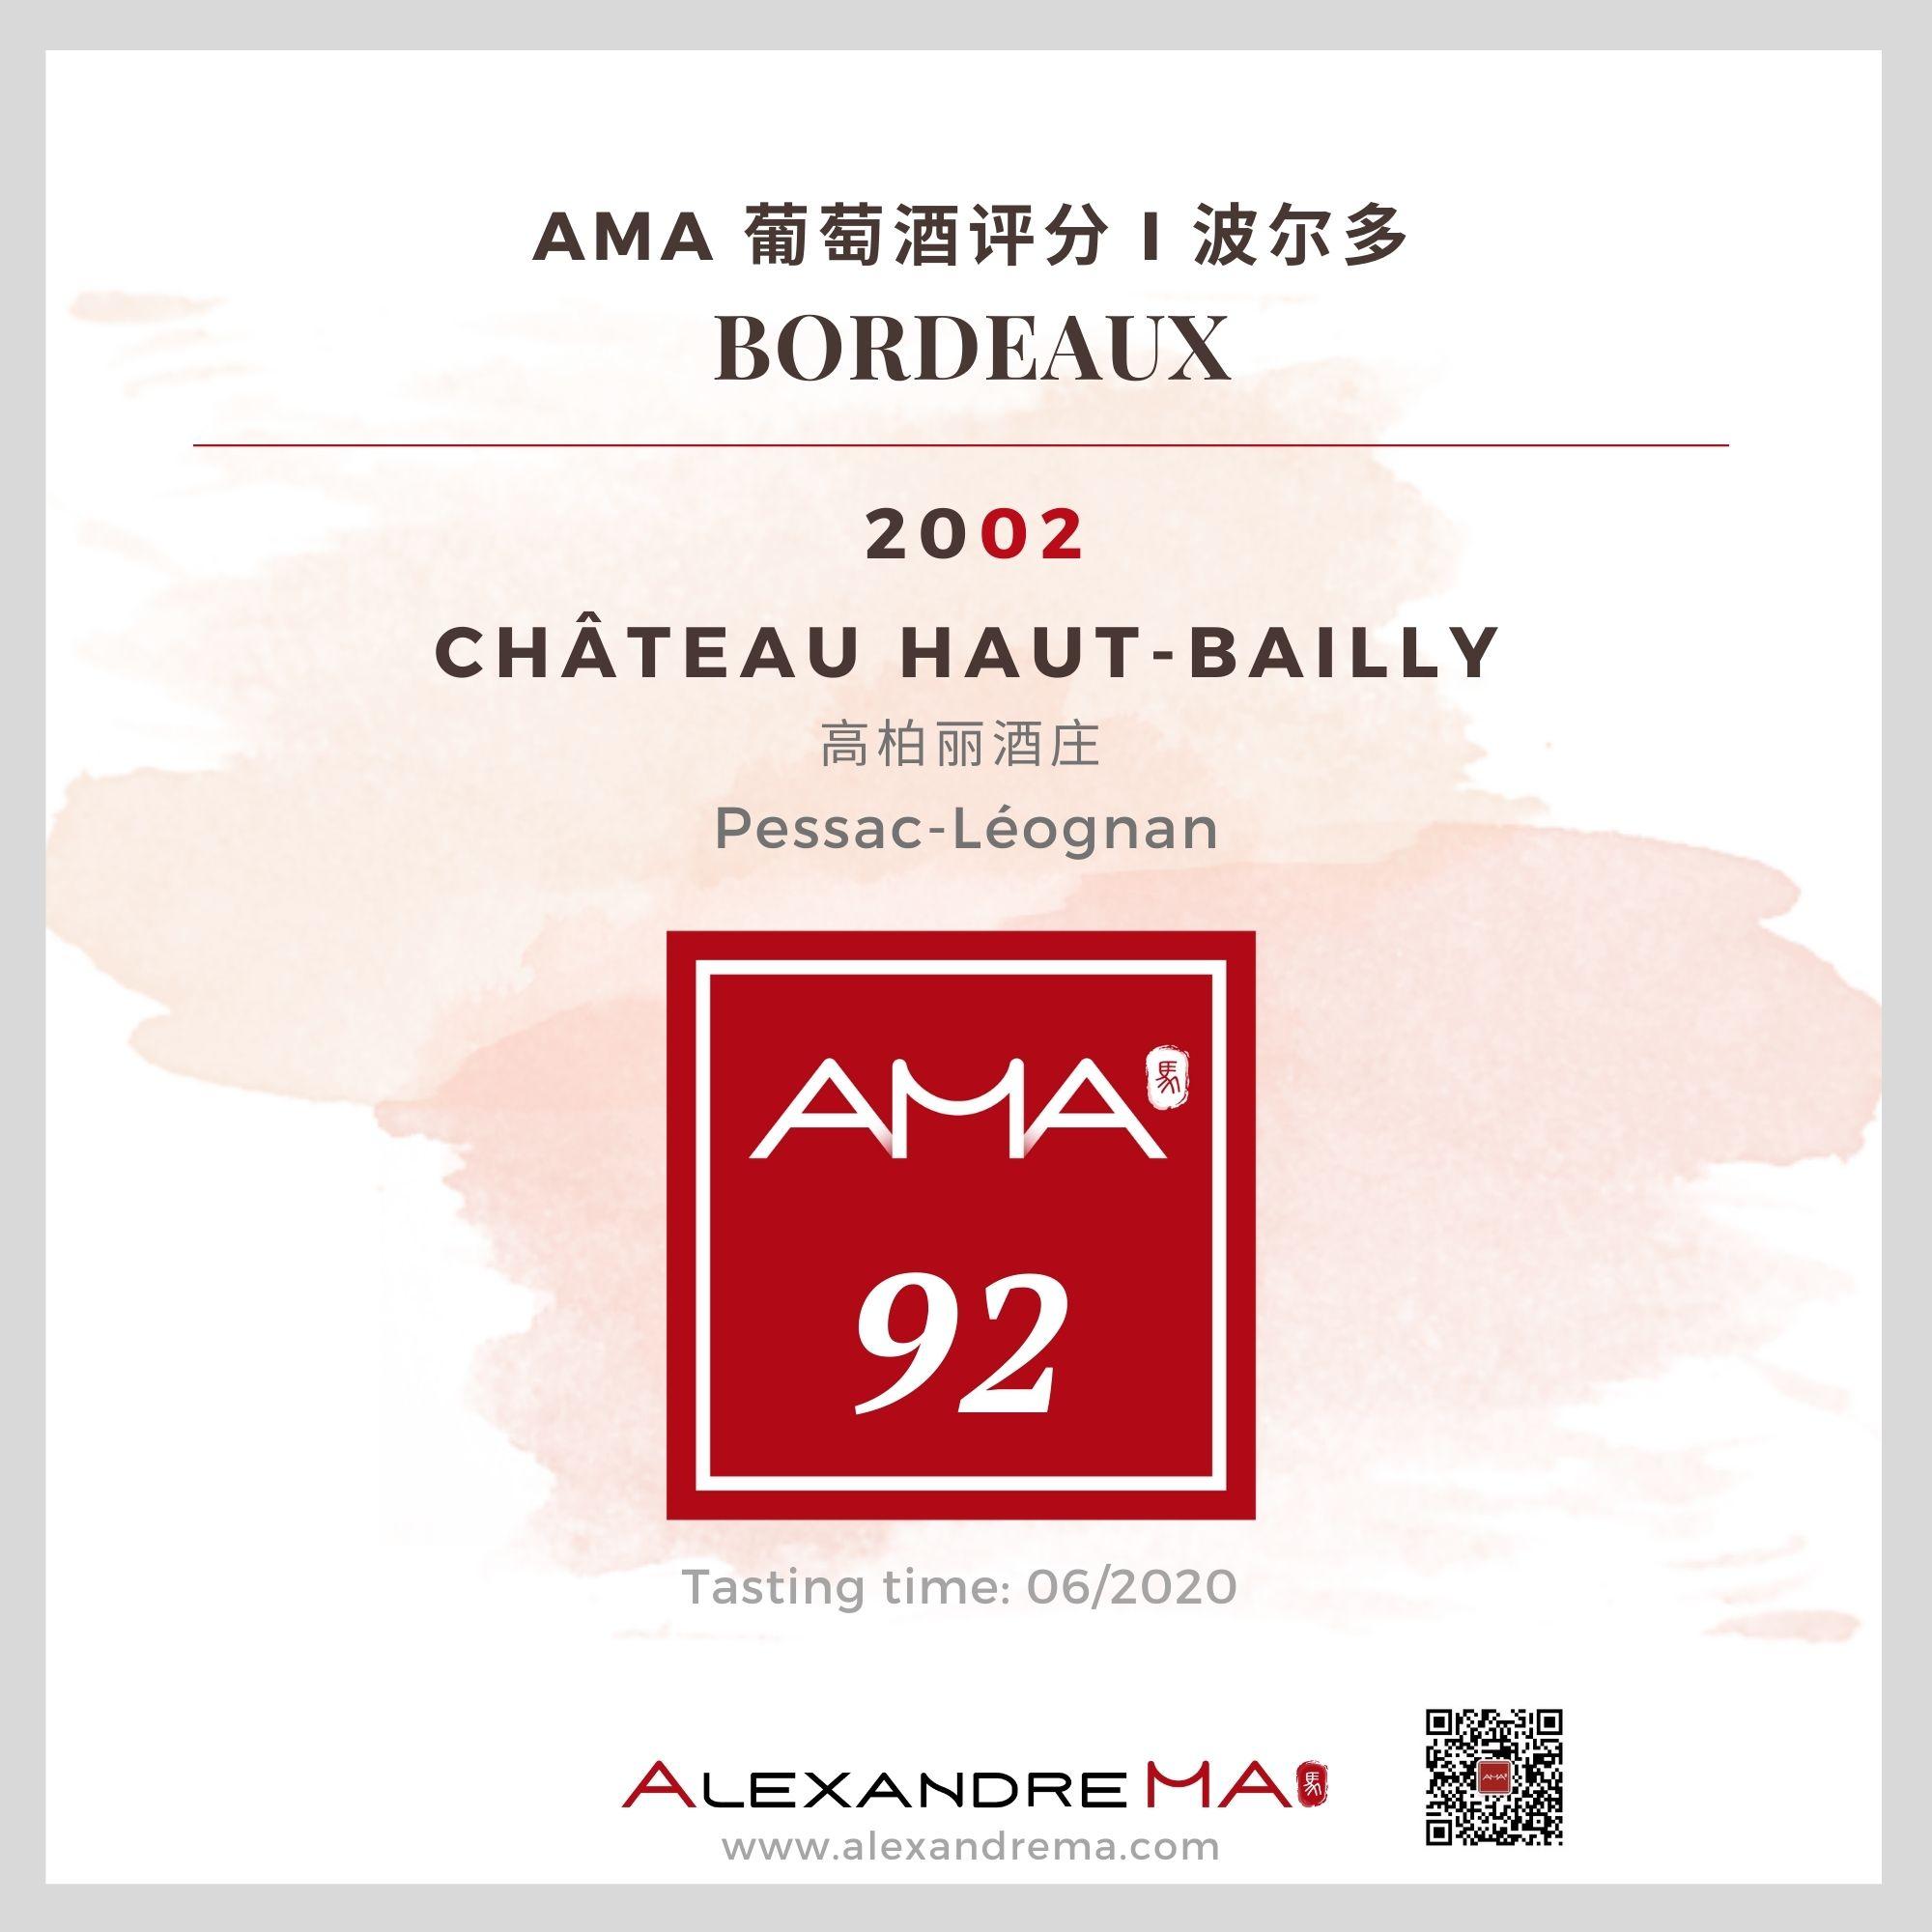 Château Haut-Bailly 2002 - Alexandre MA